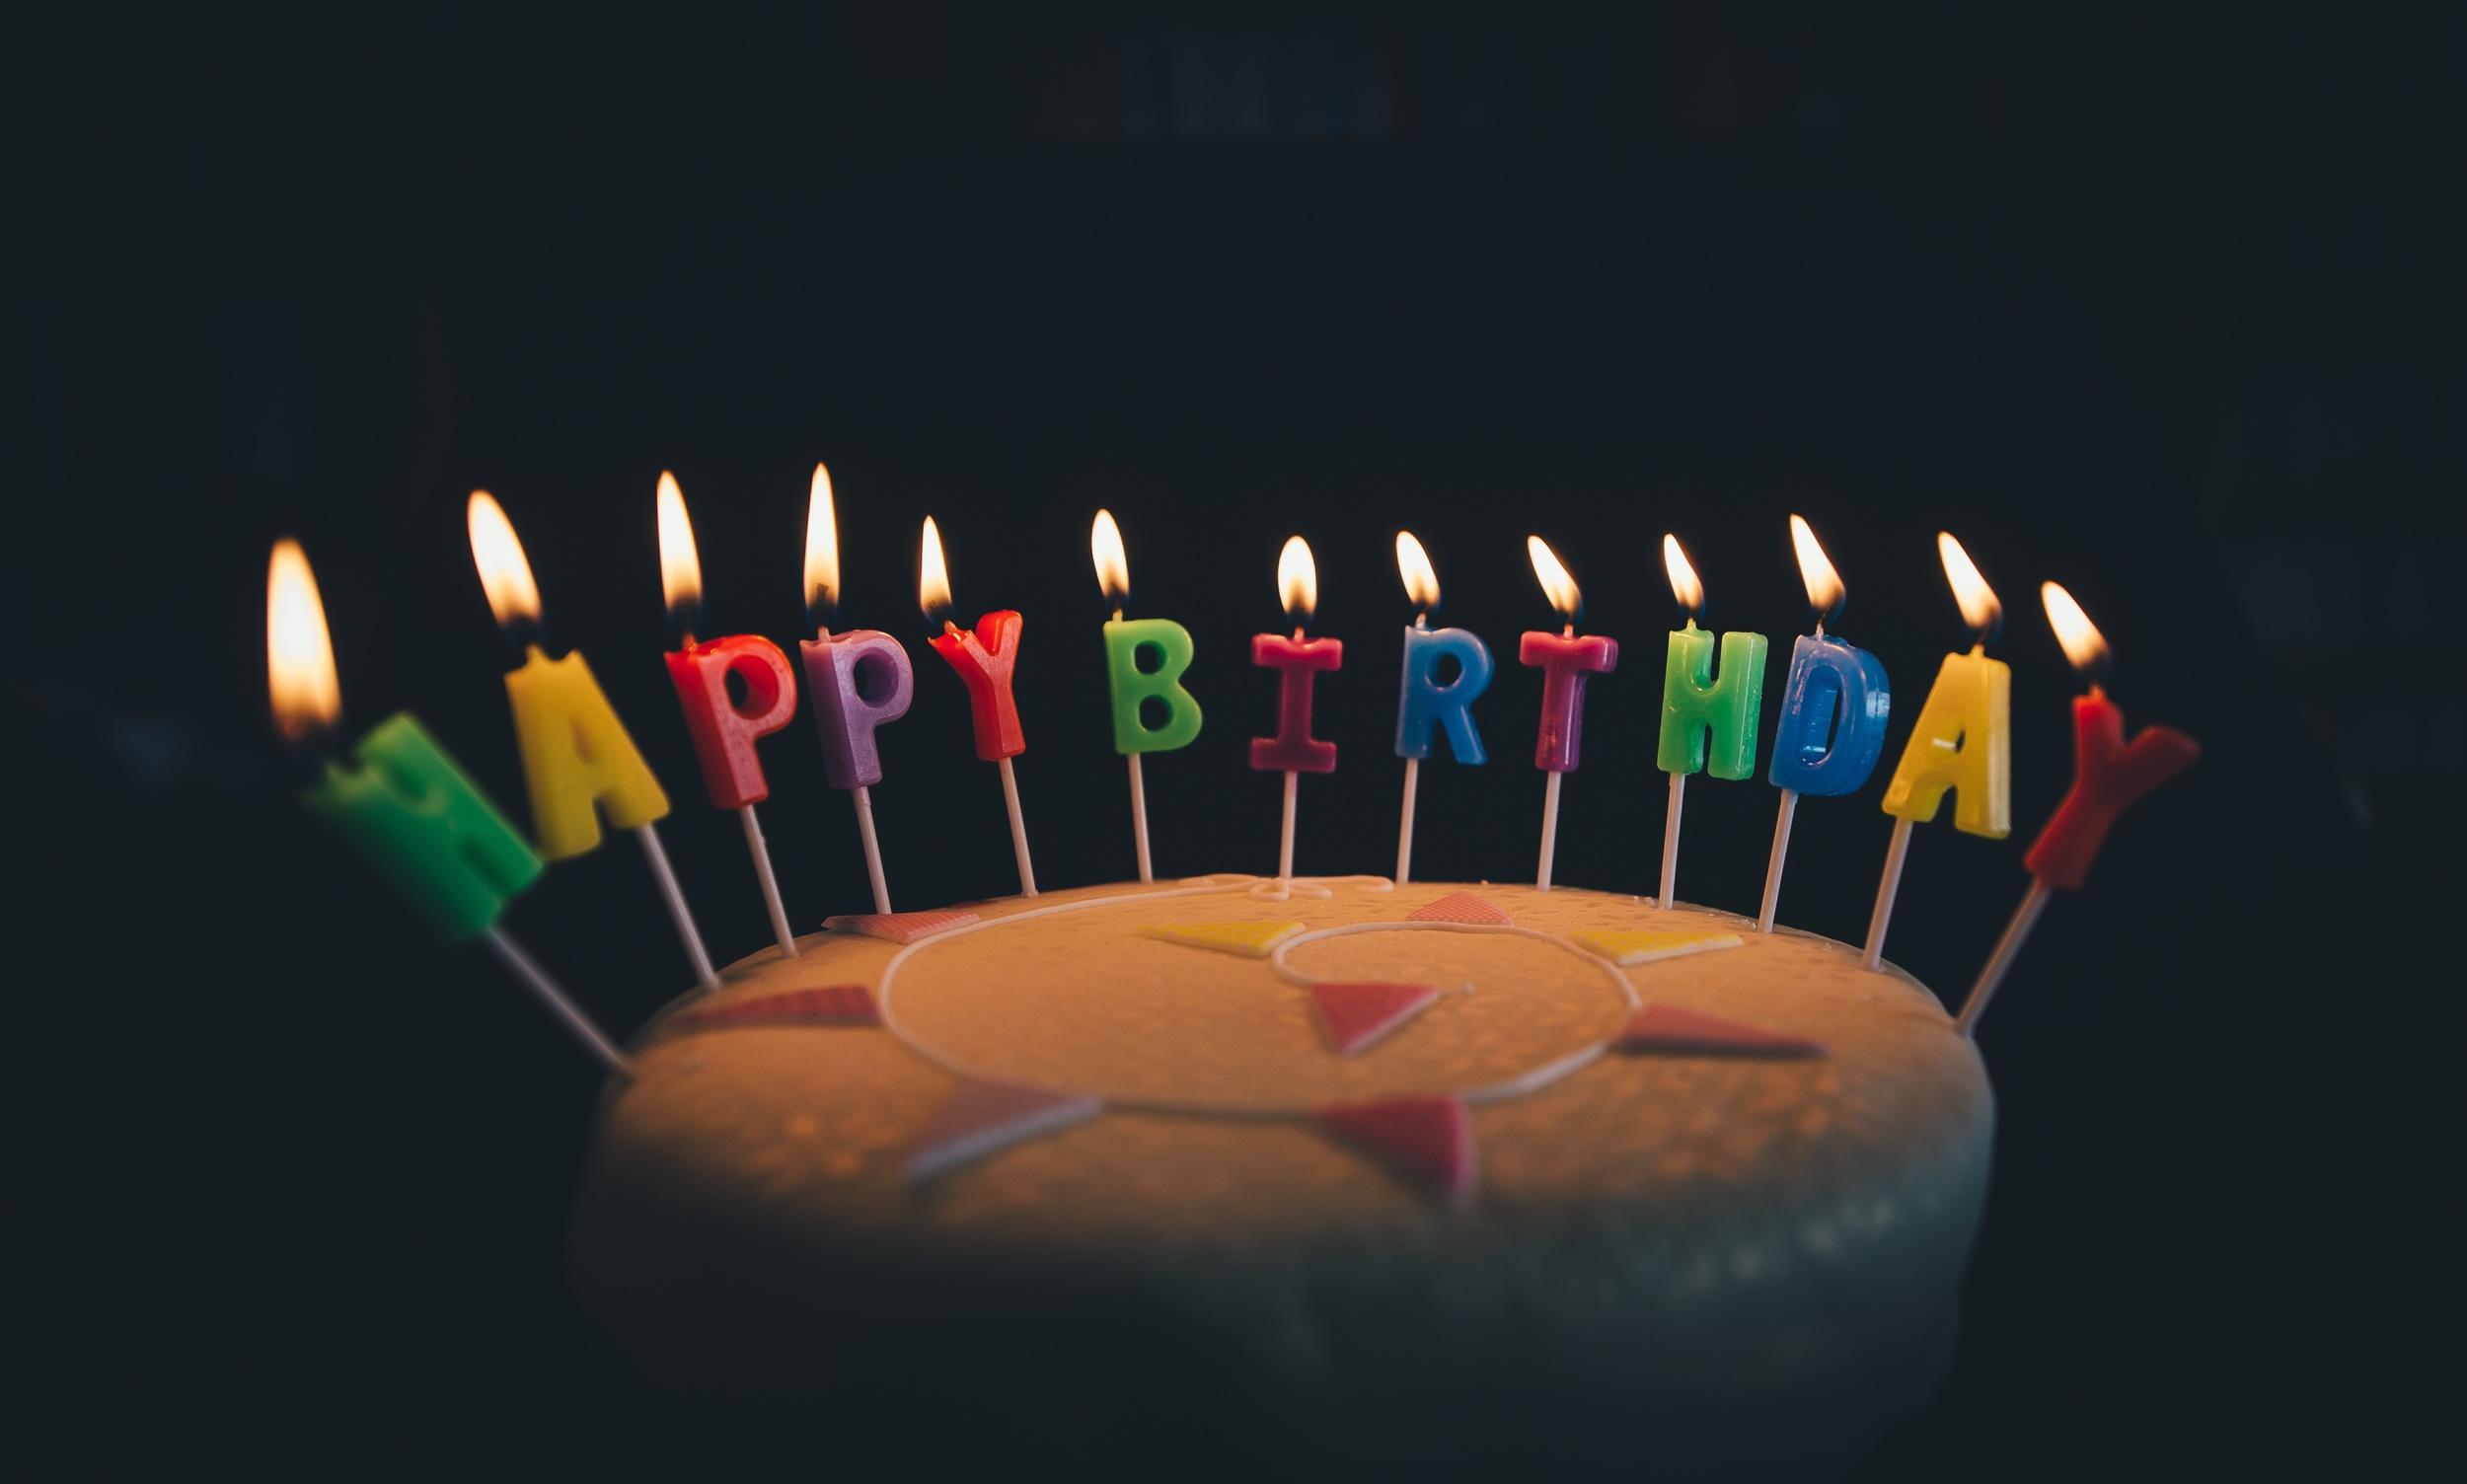 Amie-Longmire-Birthday-Candles